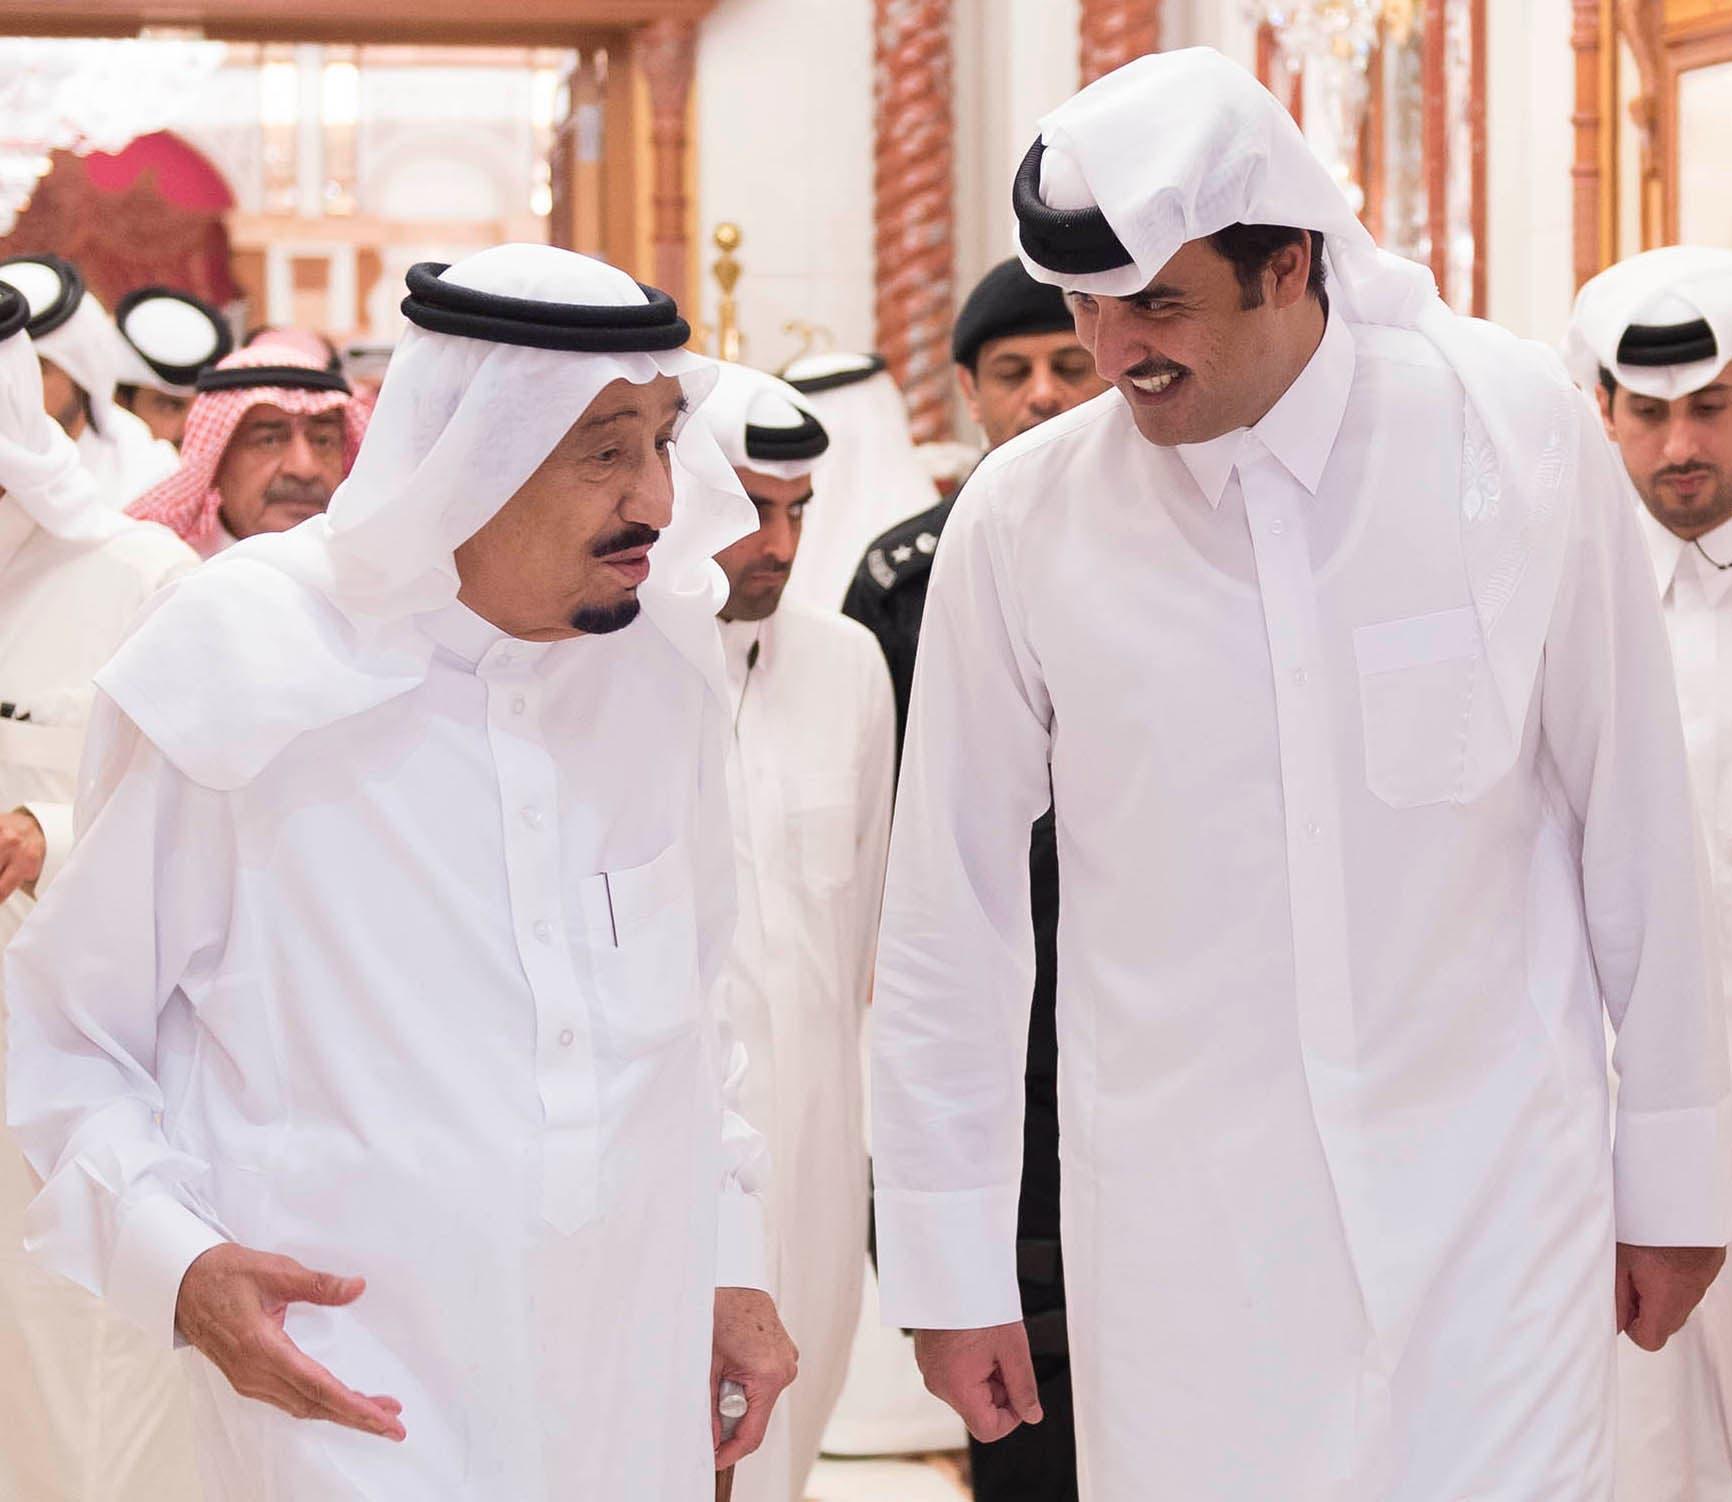 Sacuudiga miyuu bedelay mowqifkii QATAR?: Boqor Salman oo tallaabo cusub oo aan la fileynin qaaday